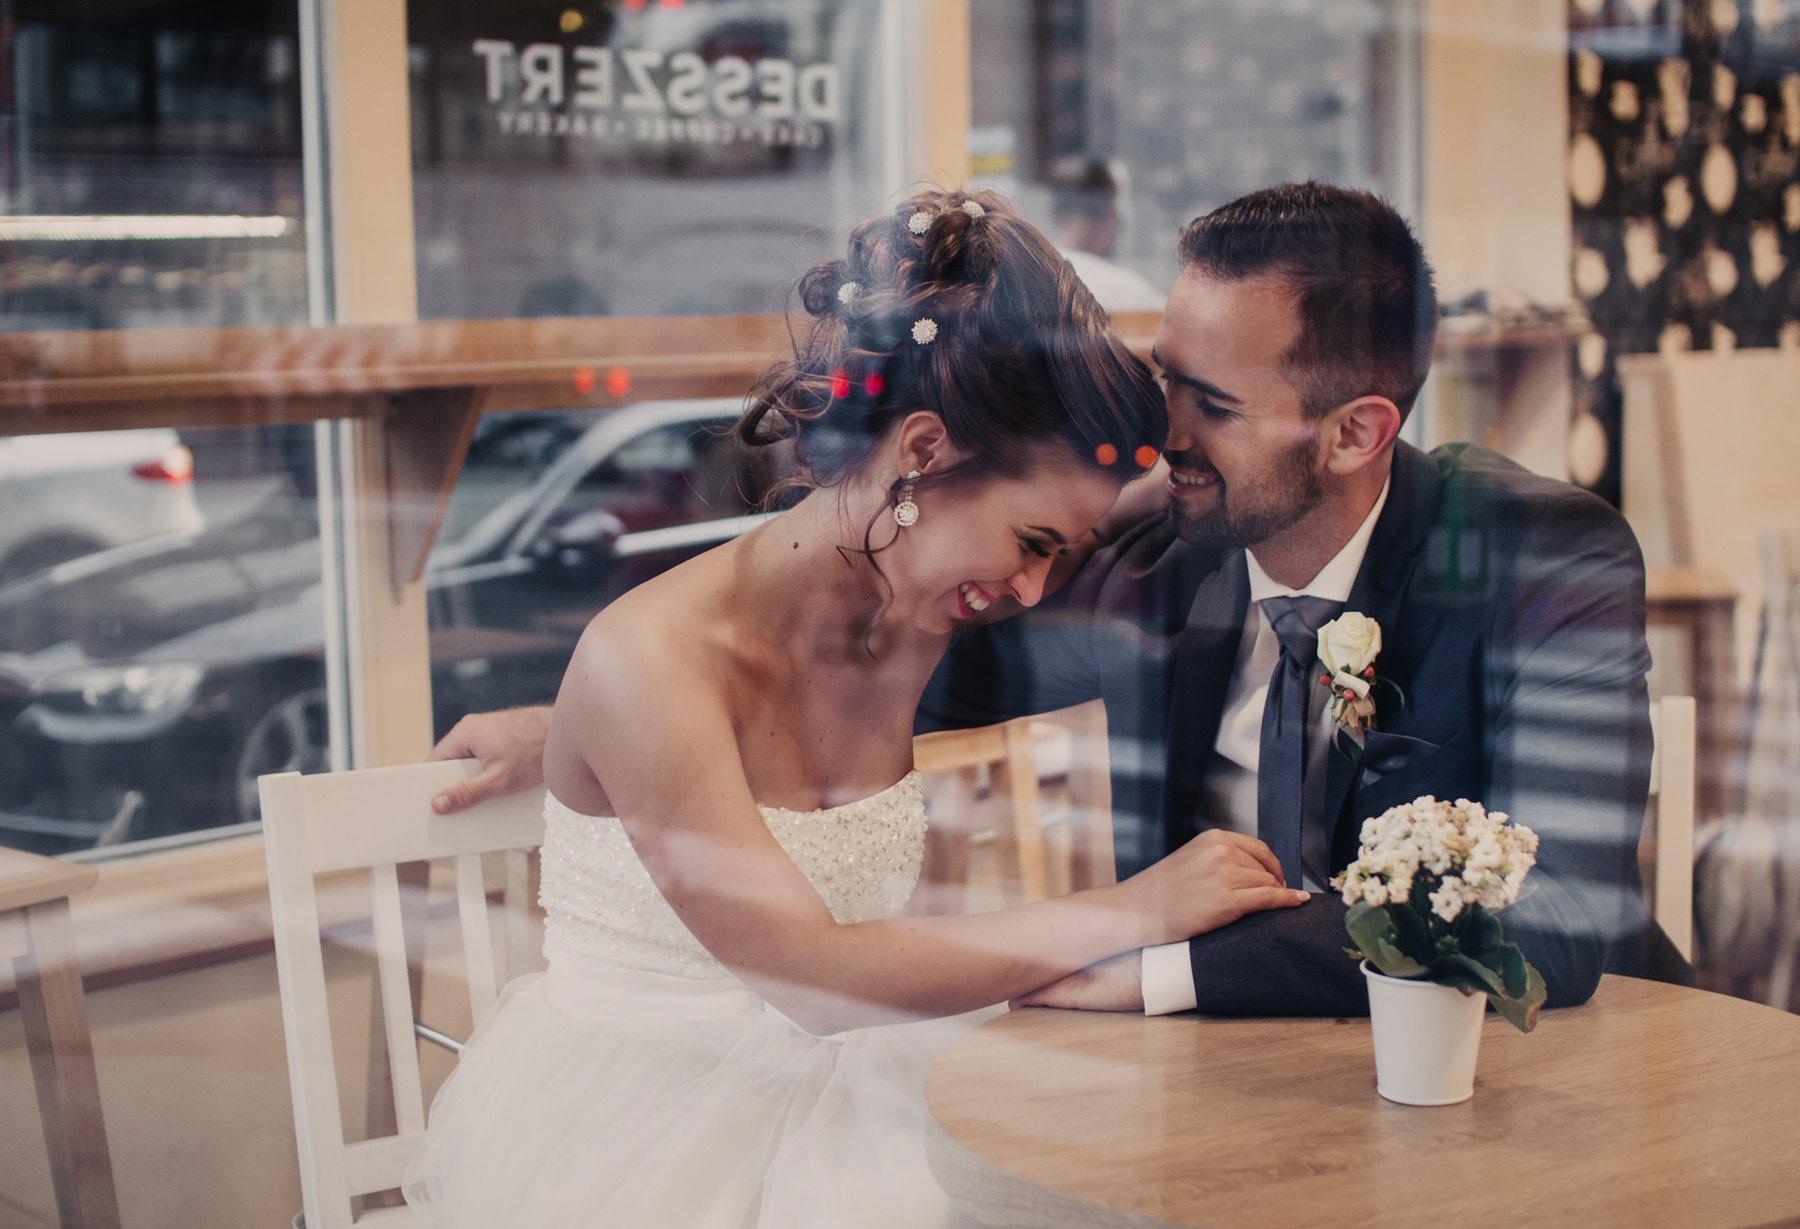 Esküvői fotózás - Fotók, amikre 20 év múlva is öröm lesz ránézni. Olyan pároknak fotózom, akik sablonos pózoktól mentes, élettel teli, őszinte fényképeket szeretnének magukról és a családjukról.